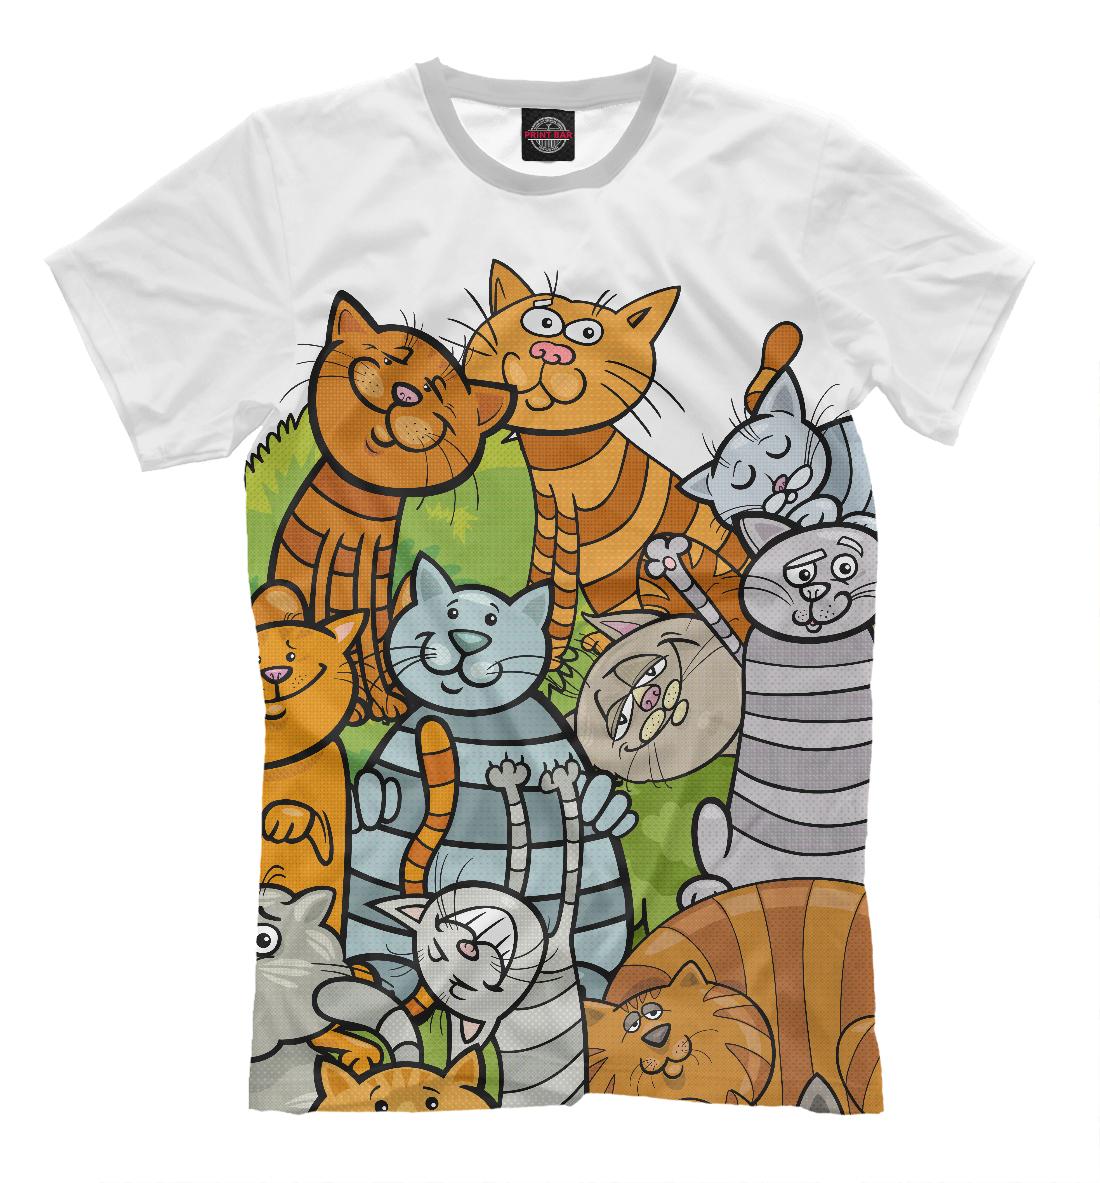 Картинки котов для футболок